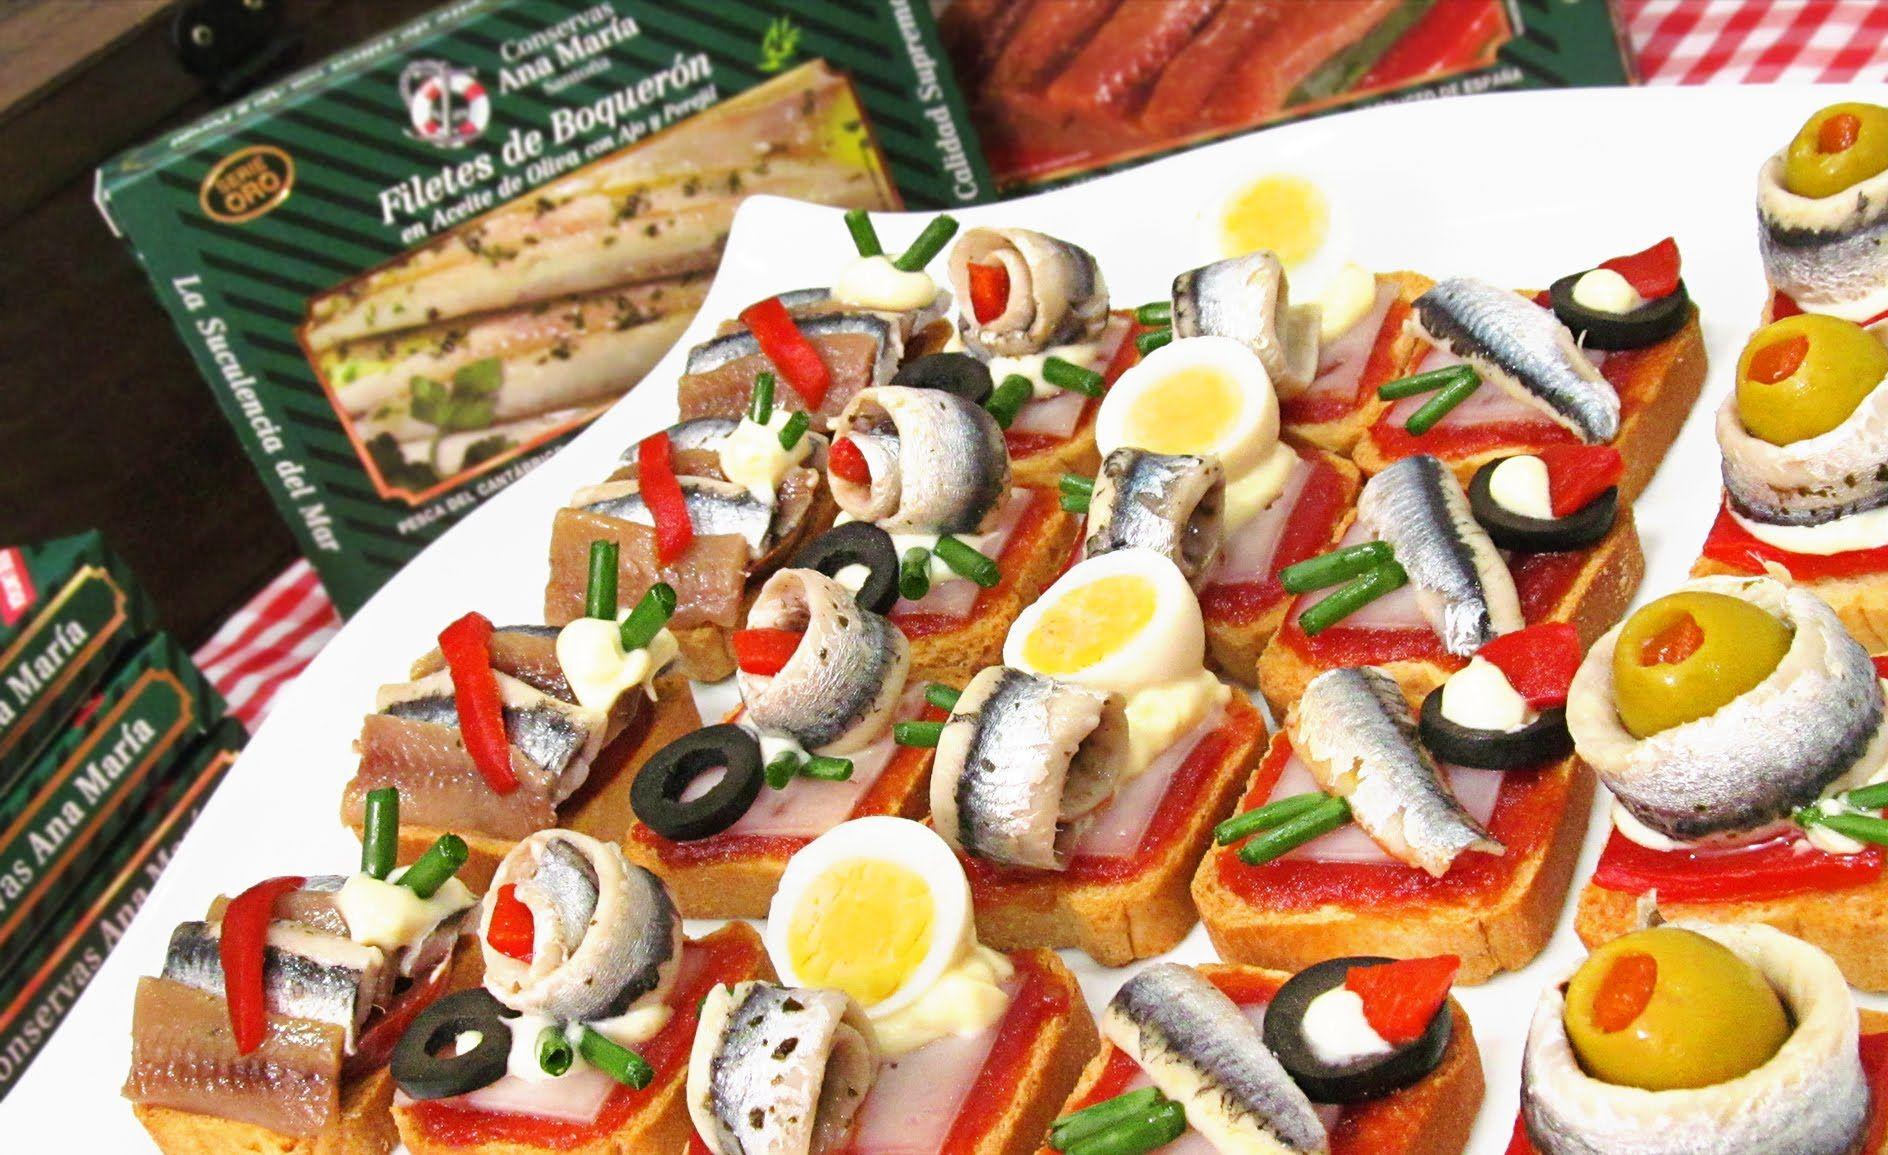 Canap s variados fr os originales f ciles y r pidos con boquerones recetas de cocina - Canapes frios faciles de hacer ...